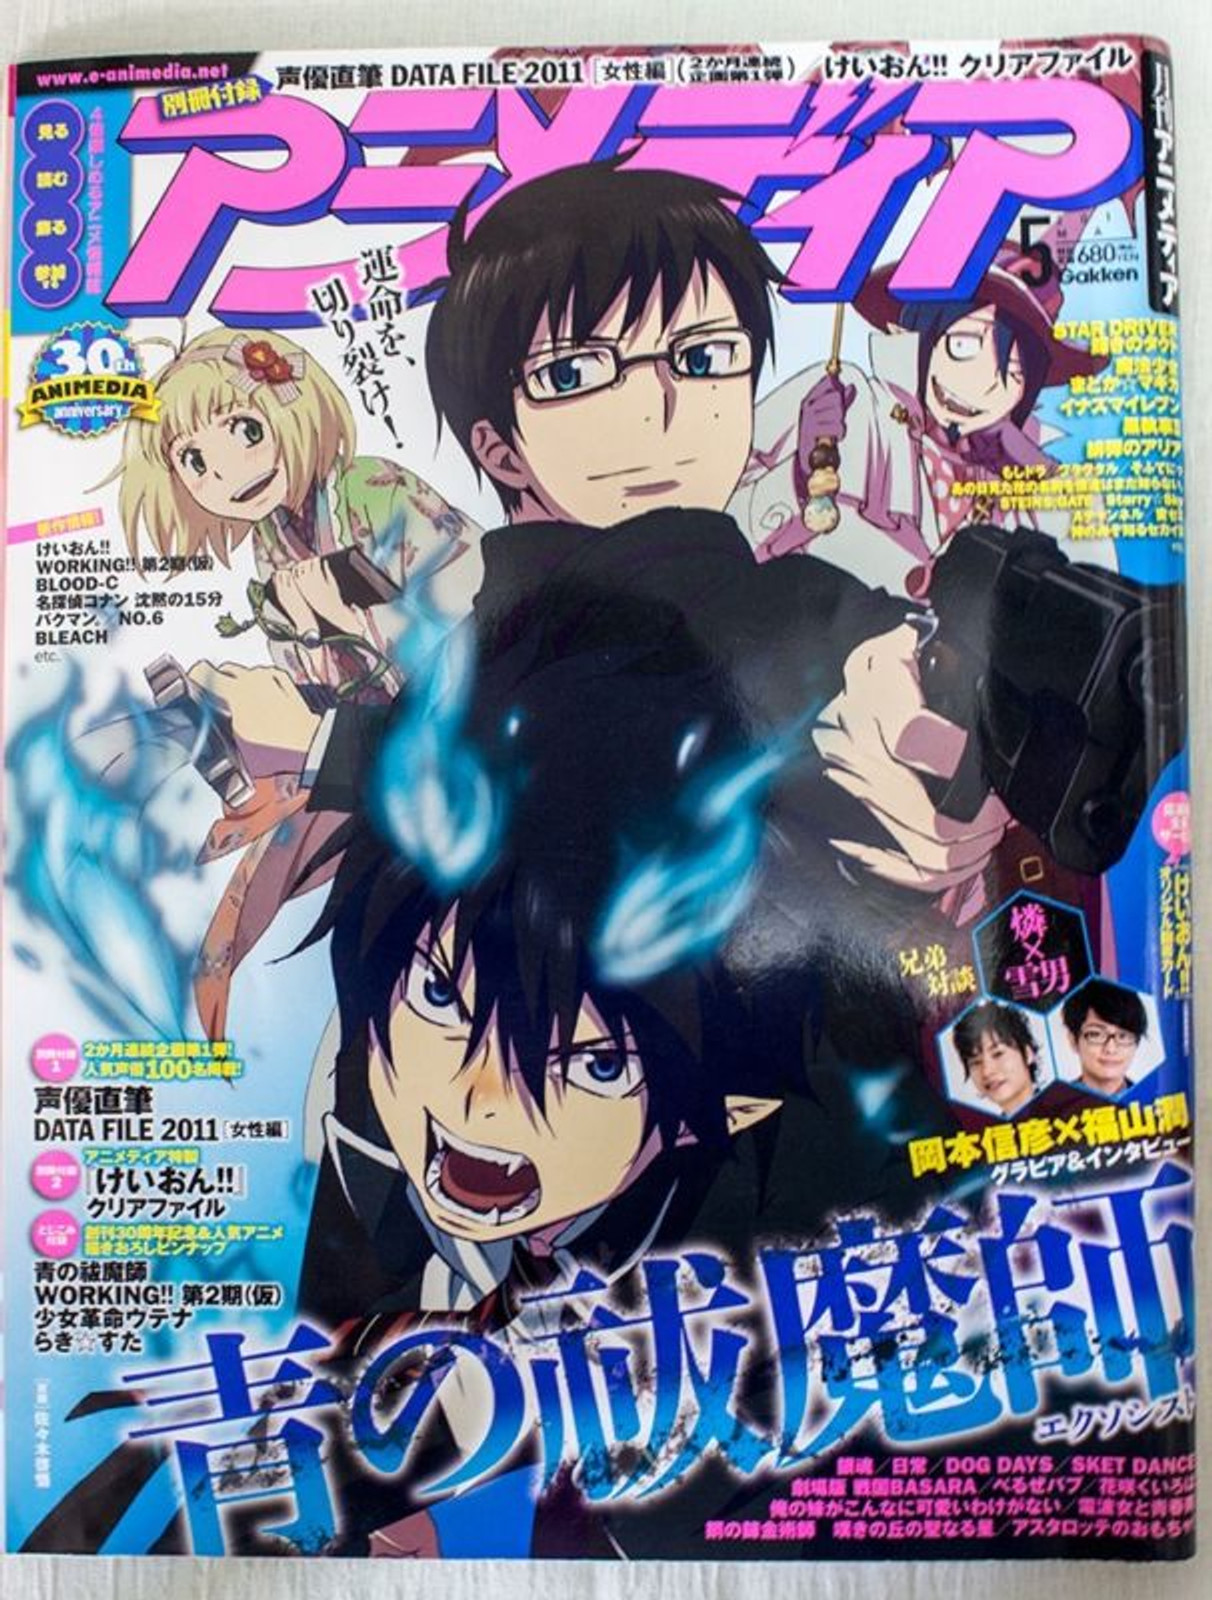 Animedia Japan Anime Magazine 05/2011 Gakken / Blue Exorcist/GOD ONLY KNOWS/SKET DANCE